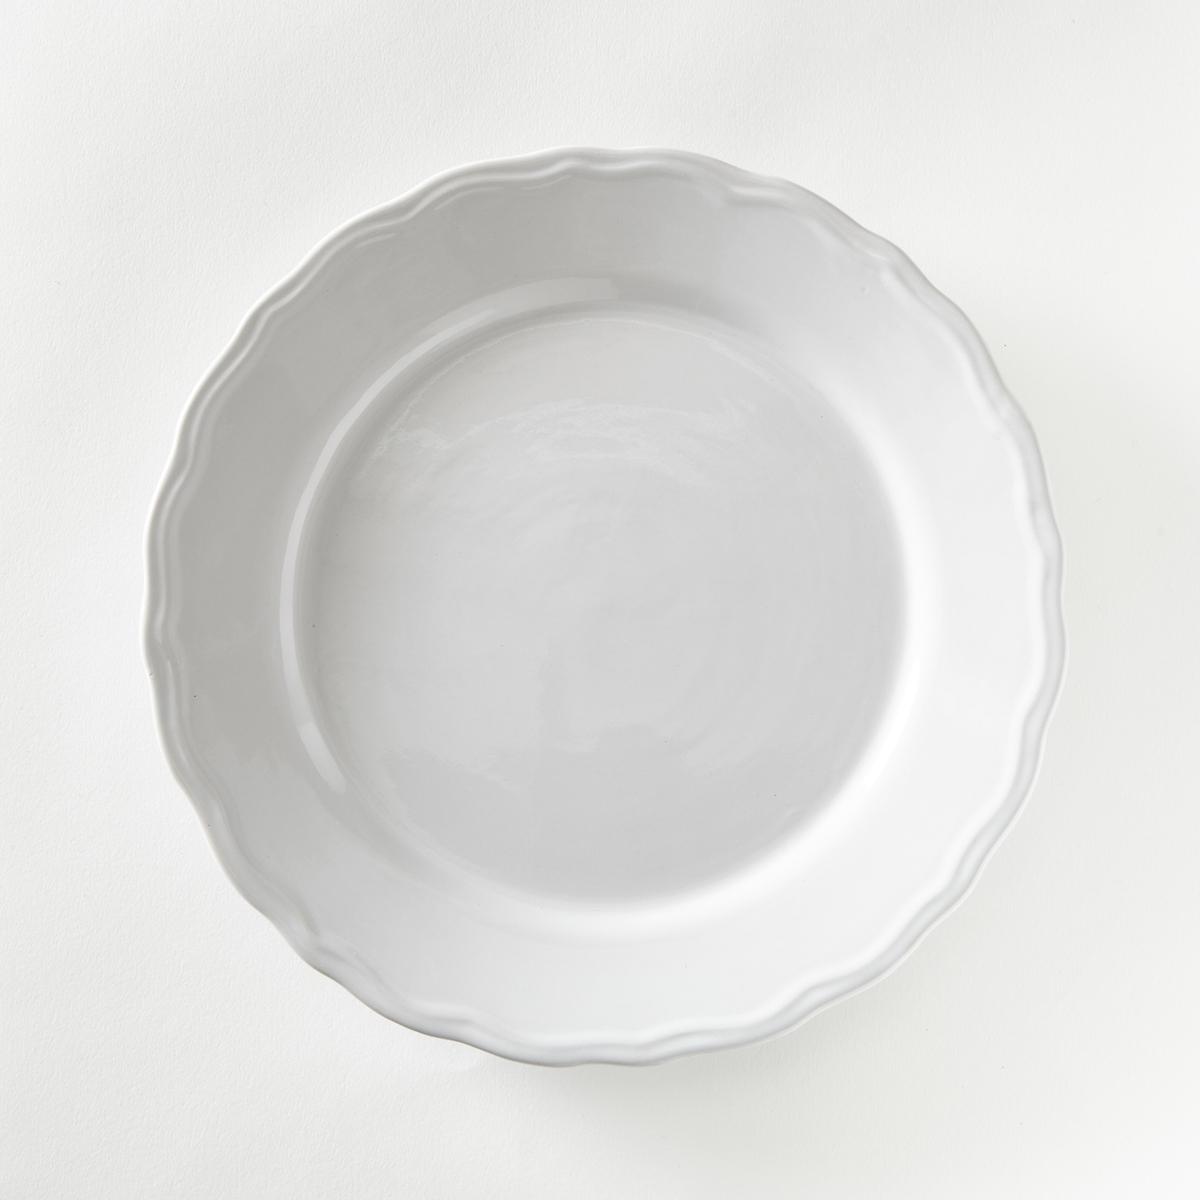 Комплект из плоских тарелок La Redoute С отделкой фестоном AJILA единый размер белый этажерка la redoute с полками remia единый размер белый